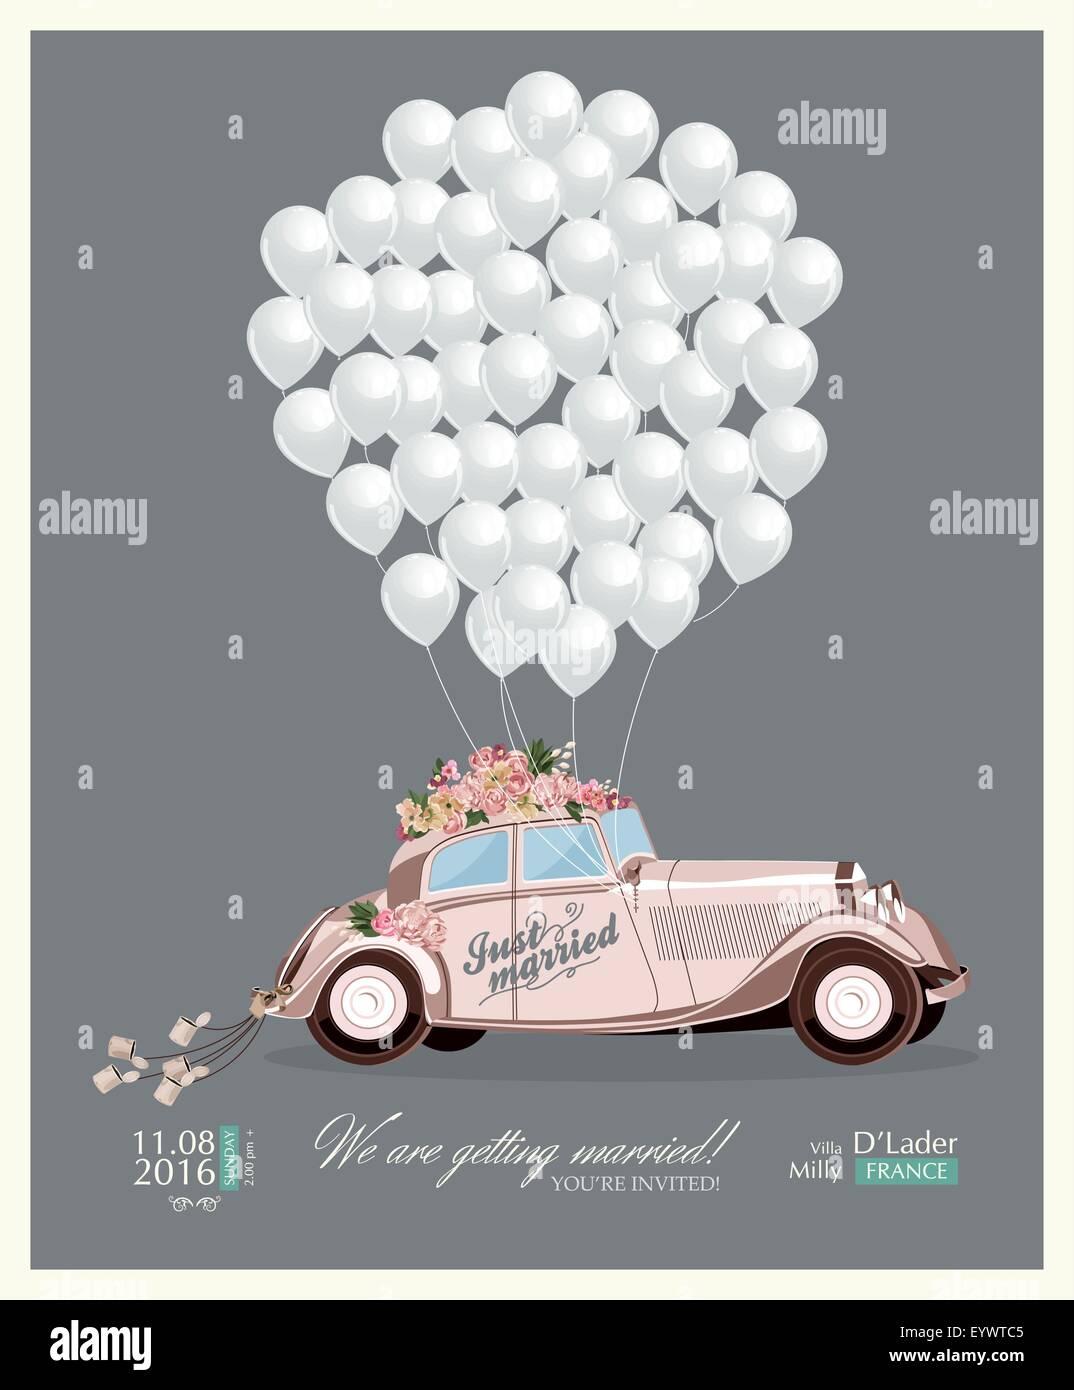 Jahrgang Einladung Hochzeit Mit Just Married Retro Auto Und Weissen